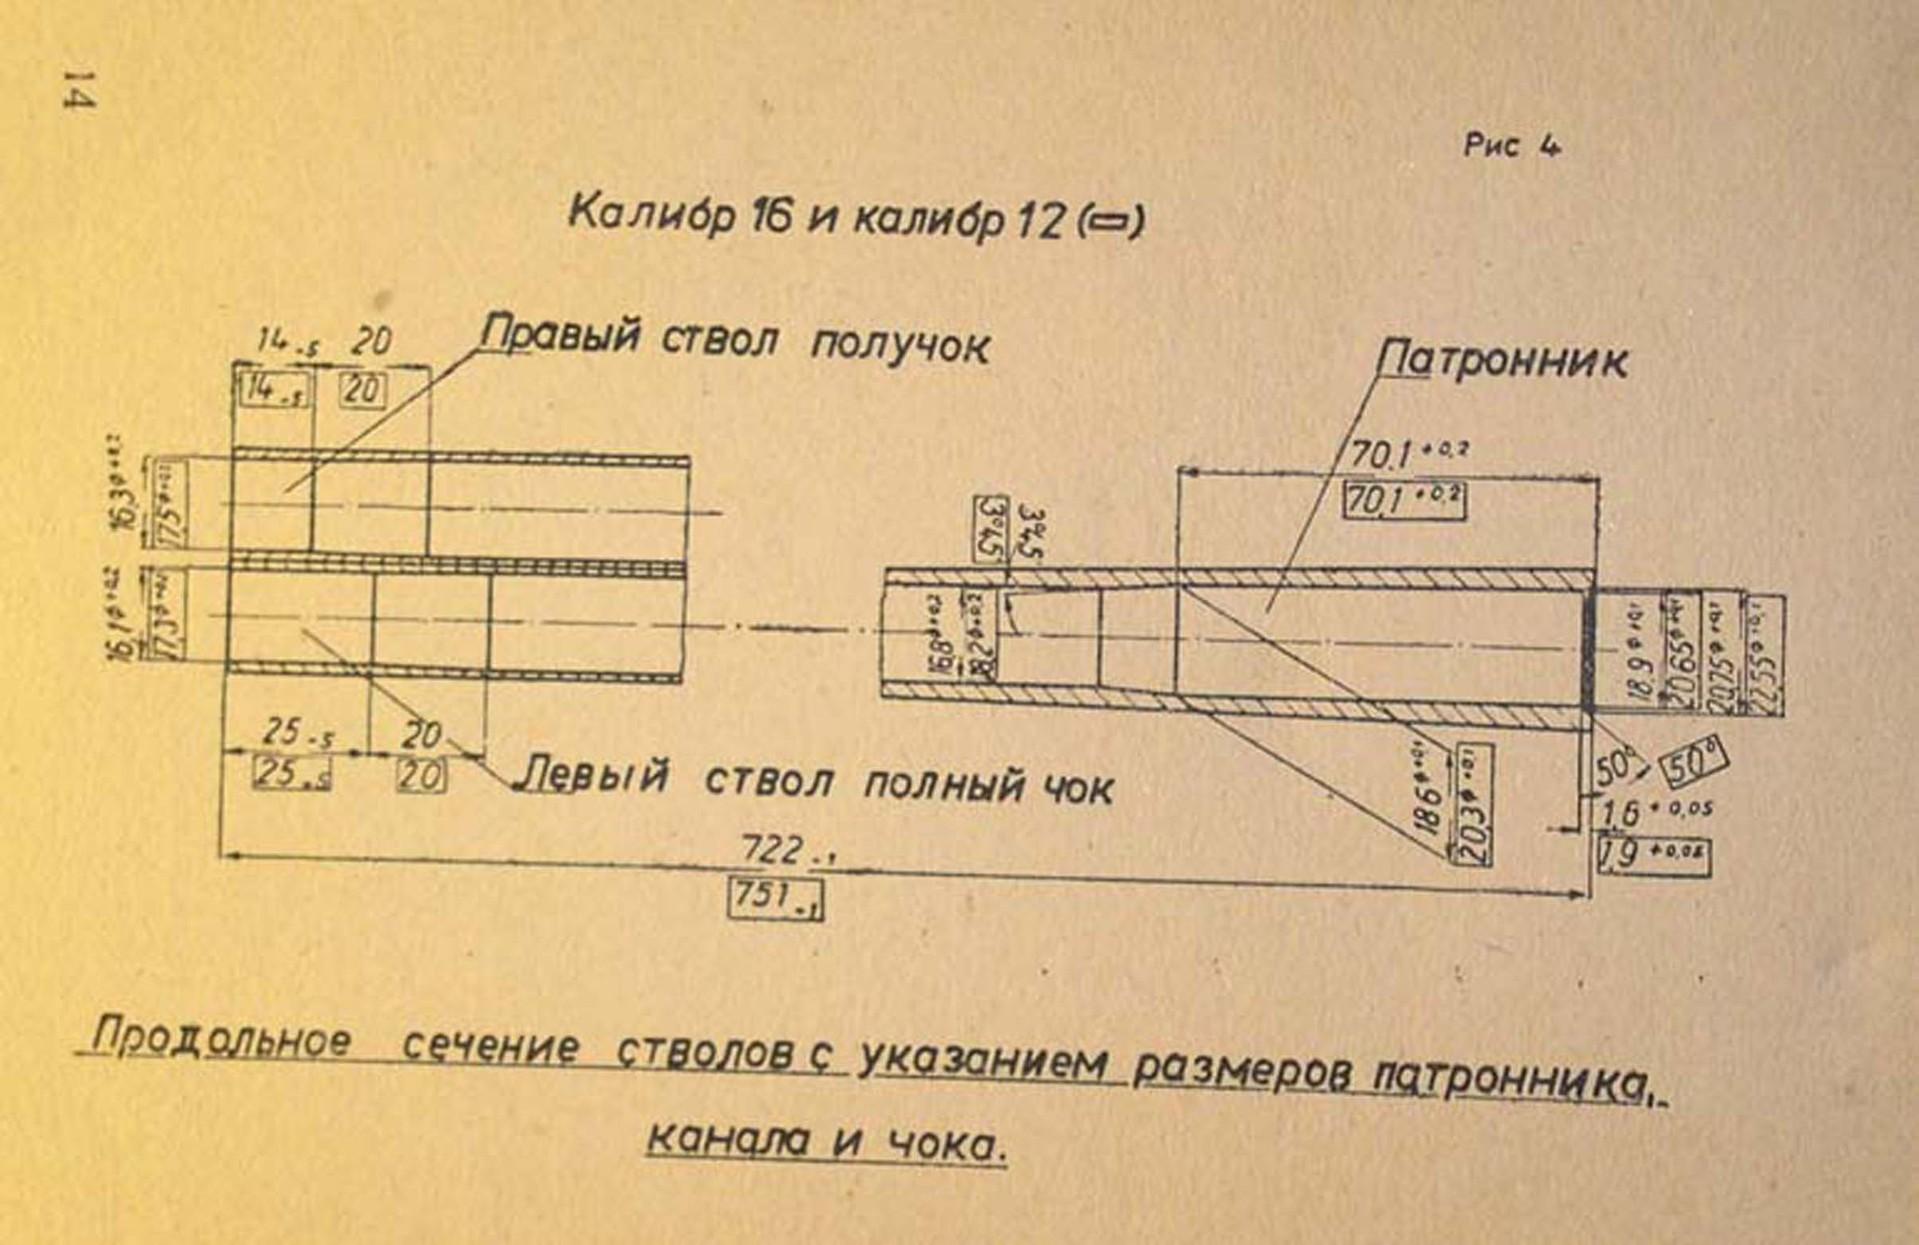 Крымский охотник - охотничий блог - что такое калибр оружия?